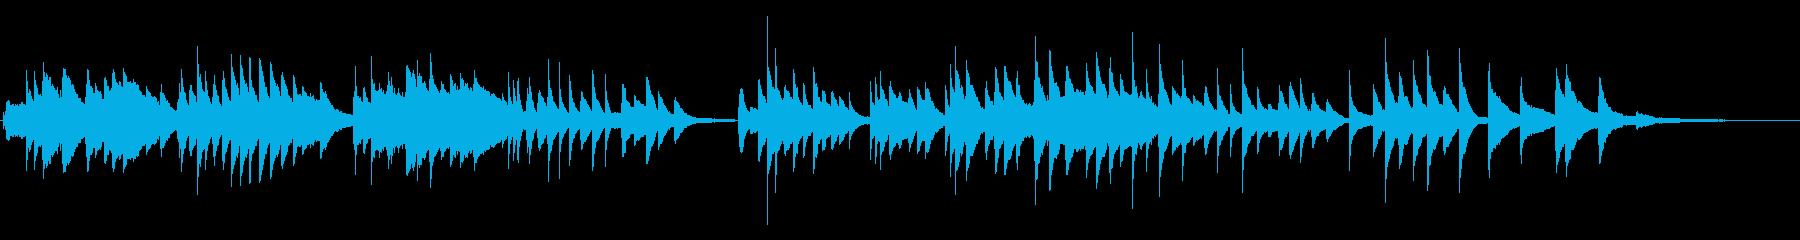 劇伴・ゲーム ラジオの優しいピアノソロの再生済みの波形